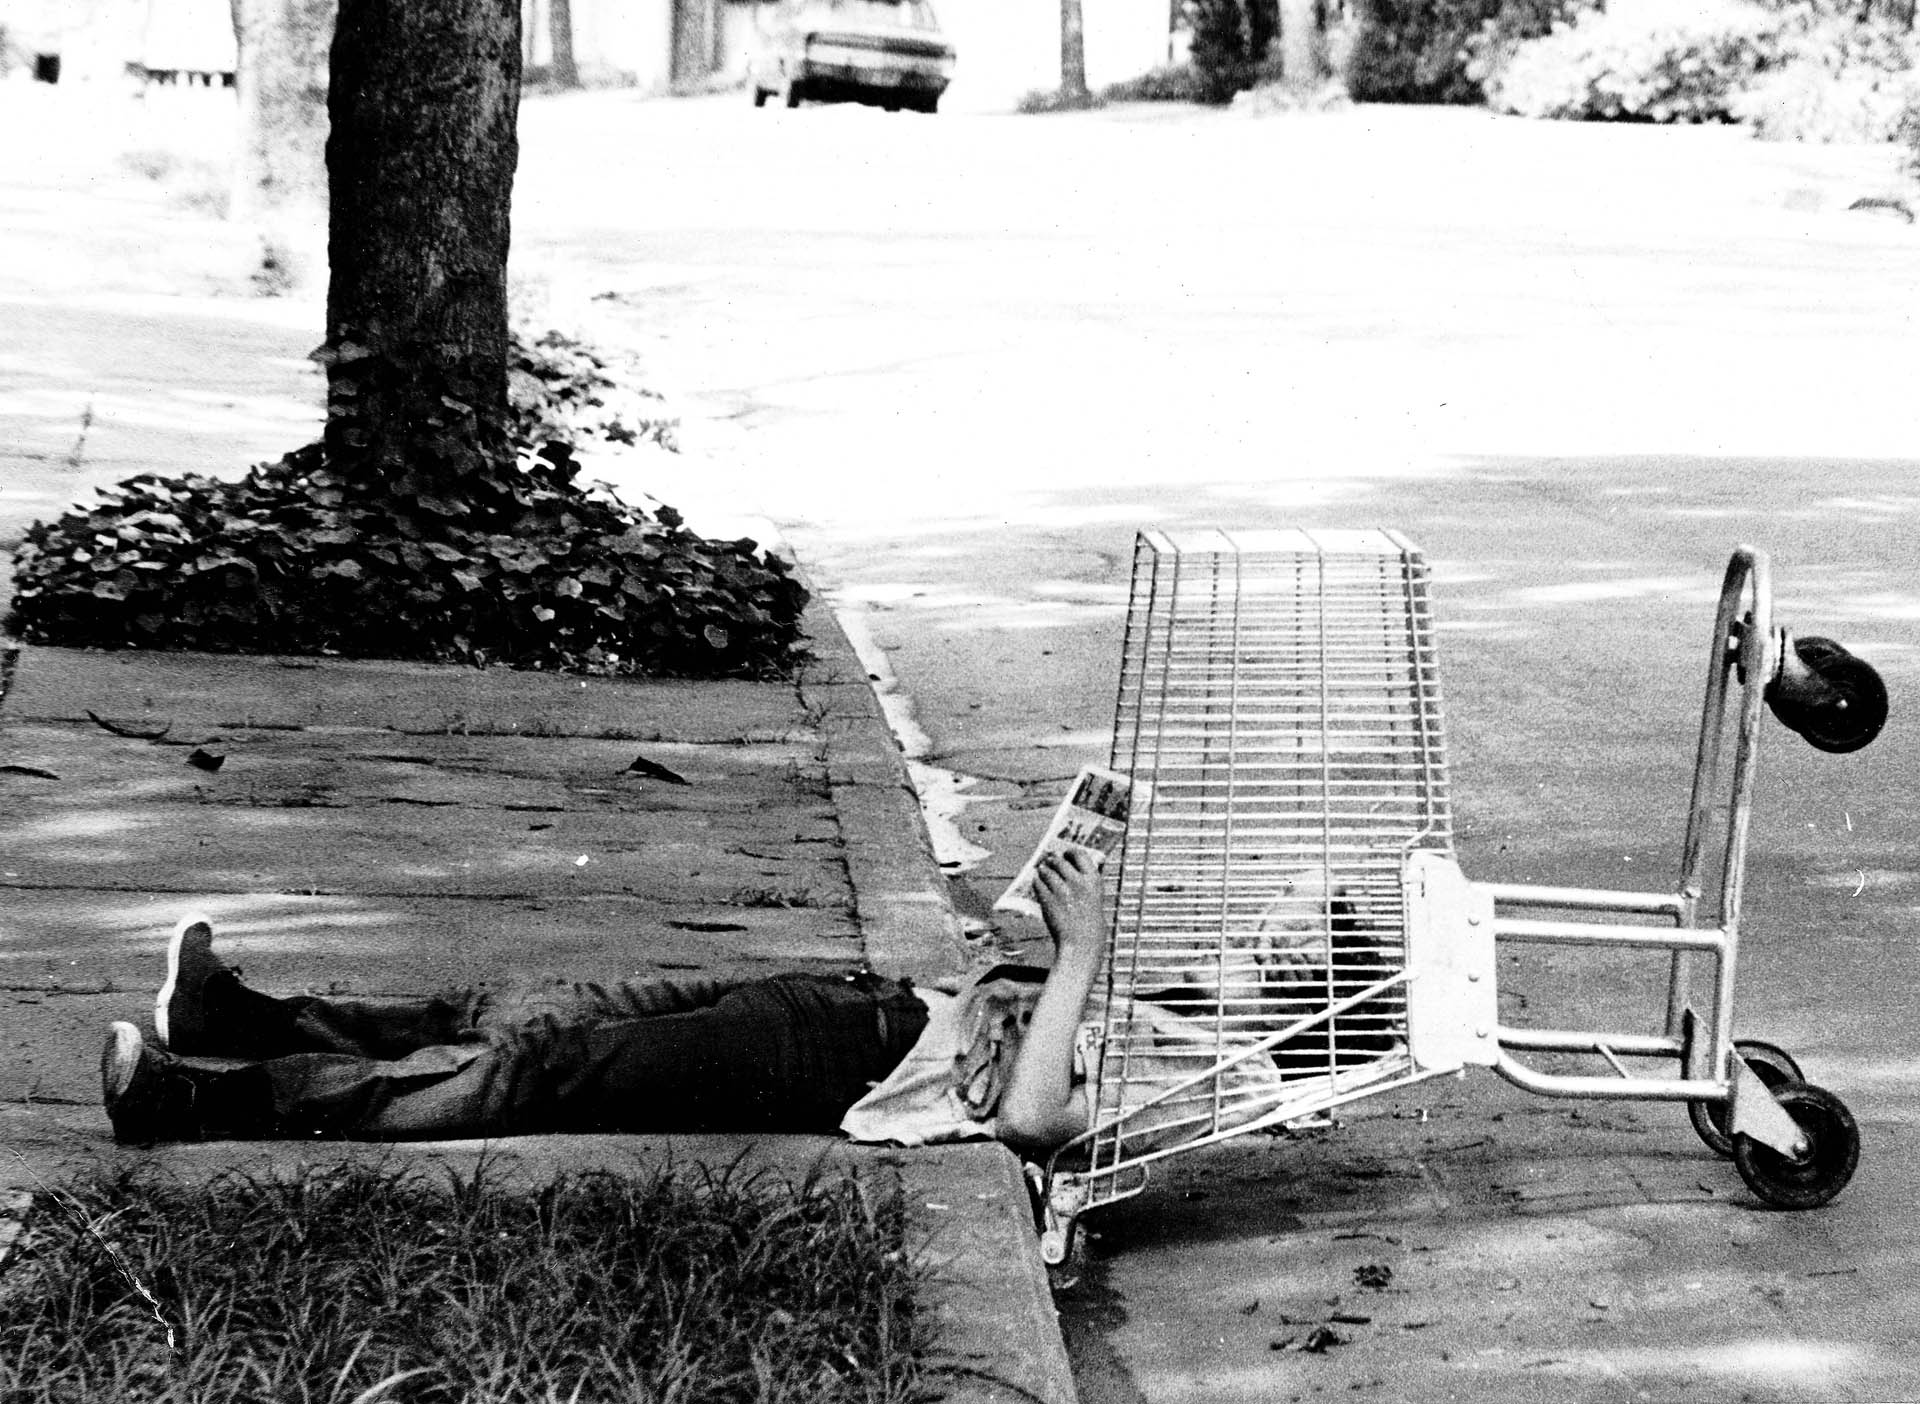 Fotografia de homem deitado na calçada. A parte de cima do corpo está apoiada num carrinho de compras de supermercado.